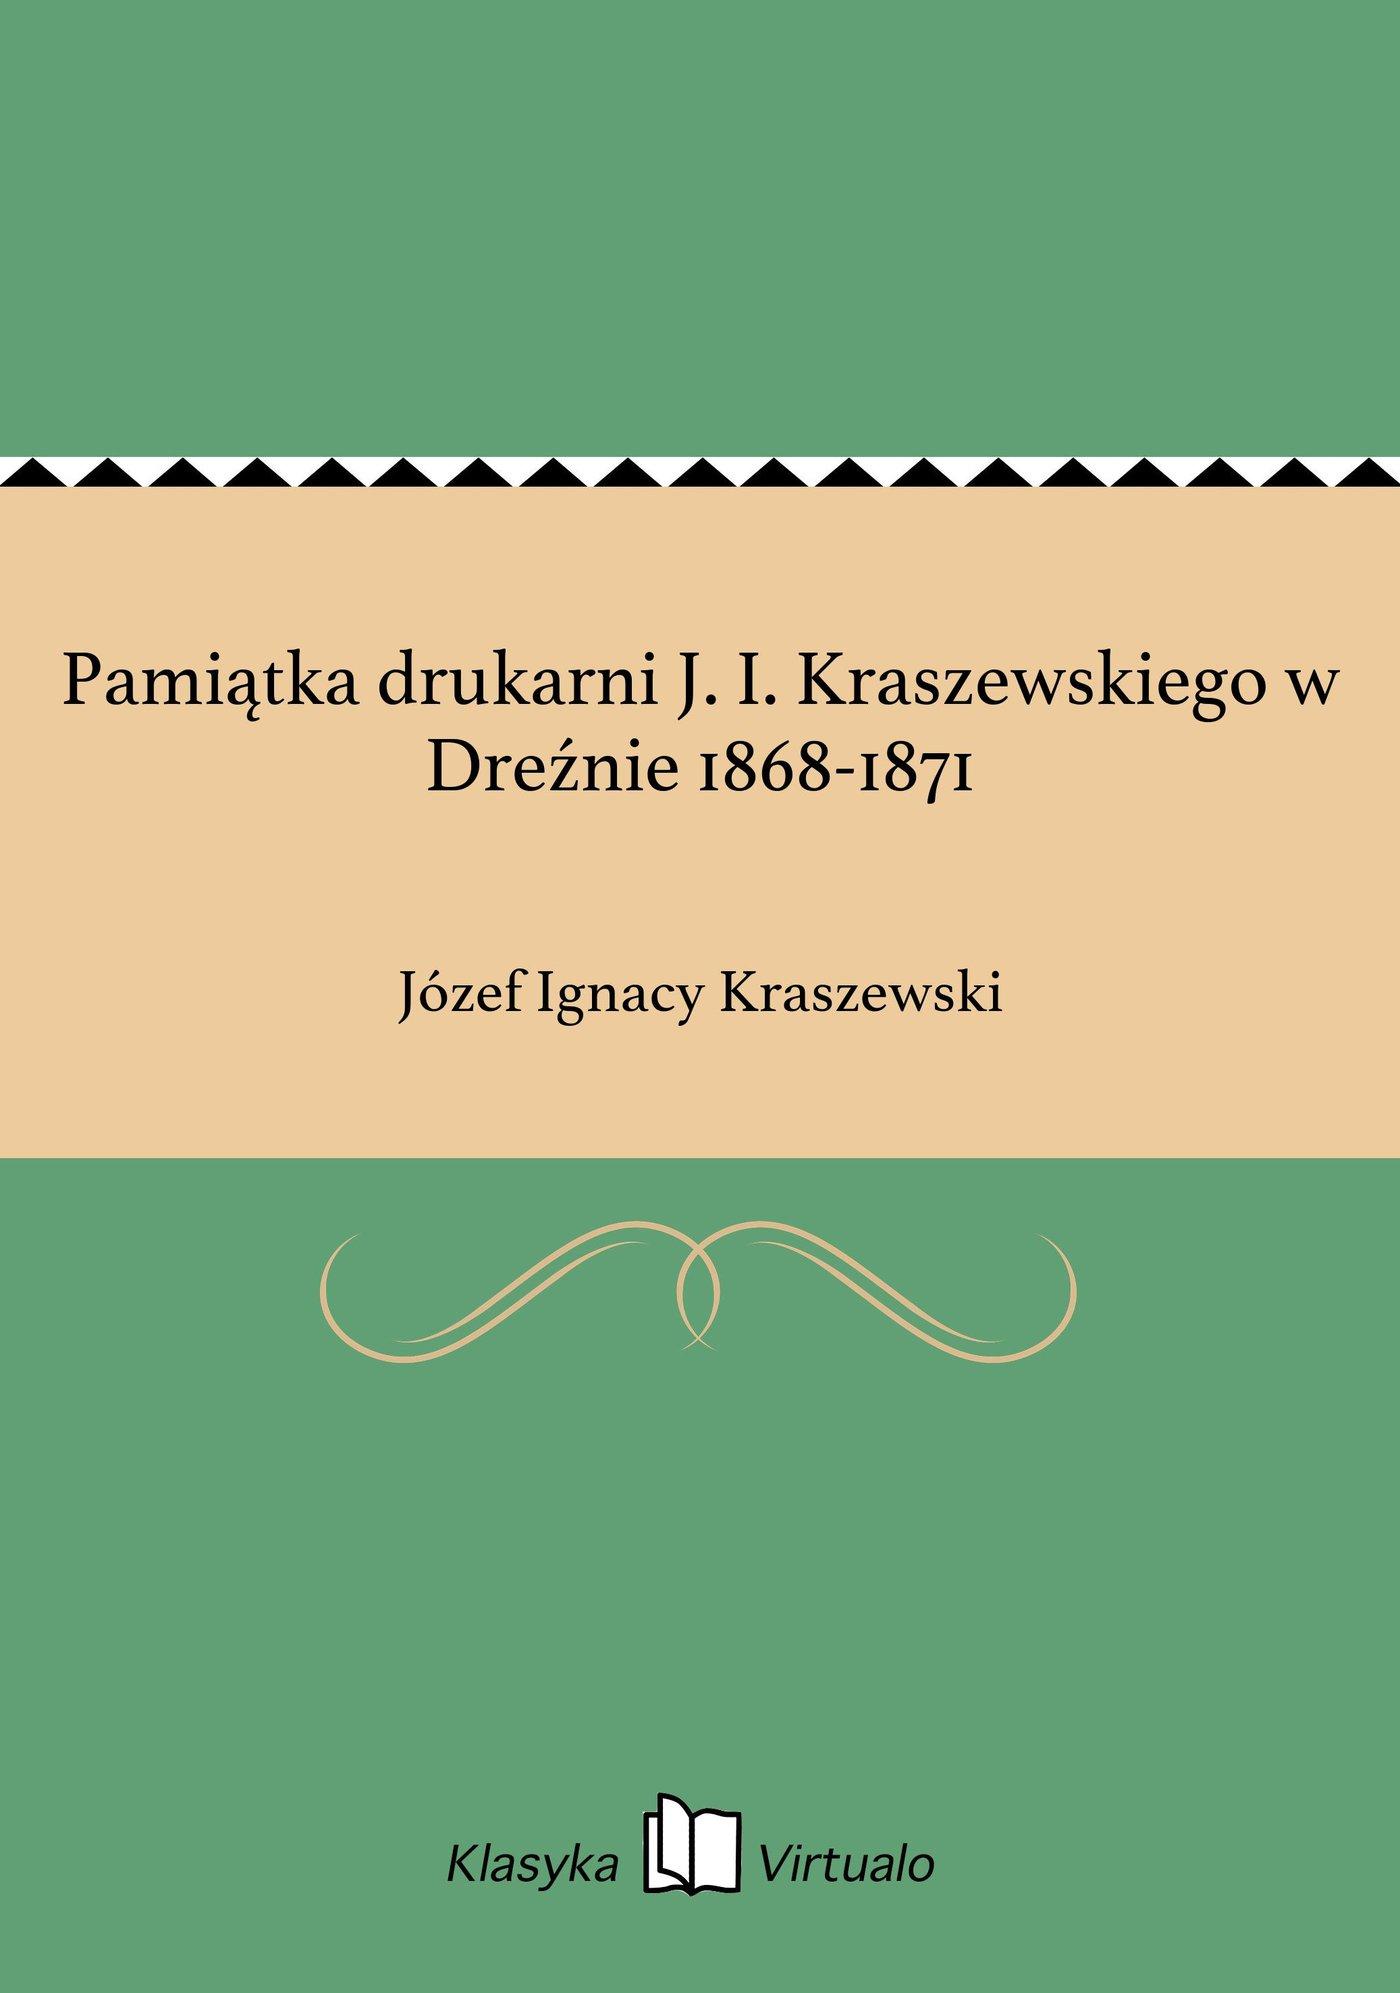 Pamiątka drukarni J. I. Kraszewskiego w Dreźnie 1868-1871 - Ebook (Książka EPUB) do pobrania w formacie EPUB